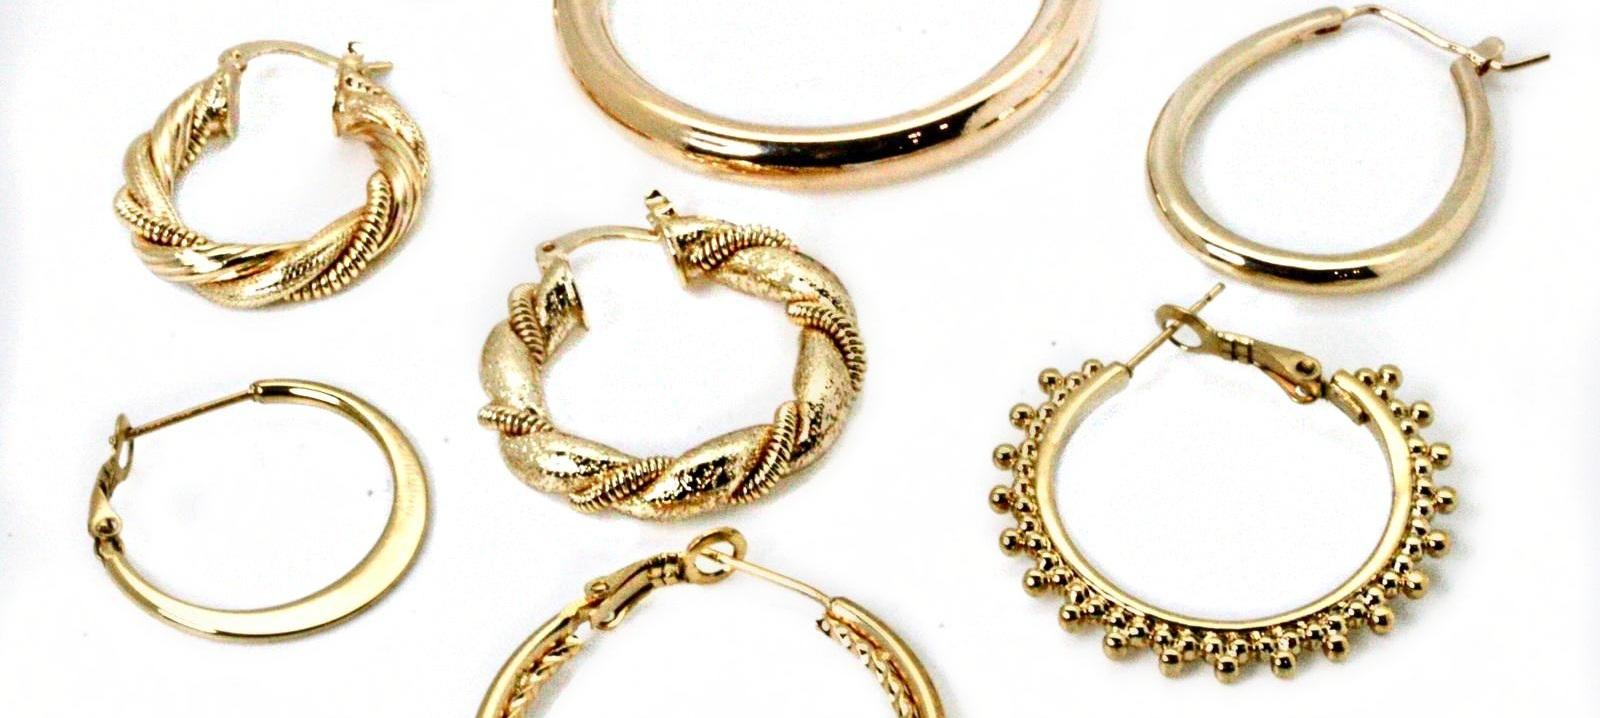 choisissez votre base - Commencez par choisir la base de votre création : un collier chaîne, un bracelet, une bague ou des créoles.